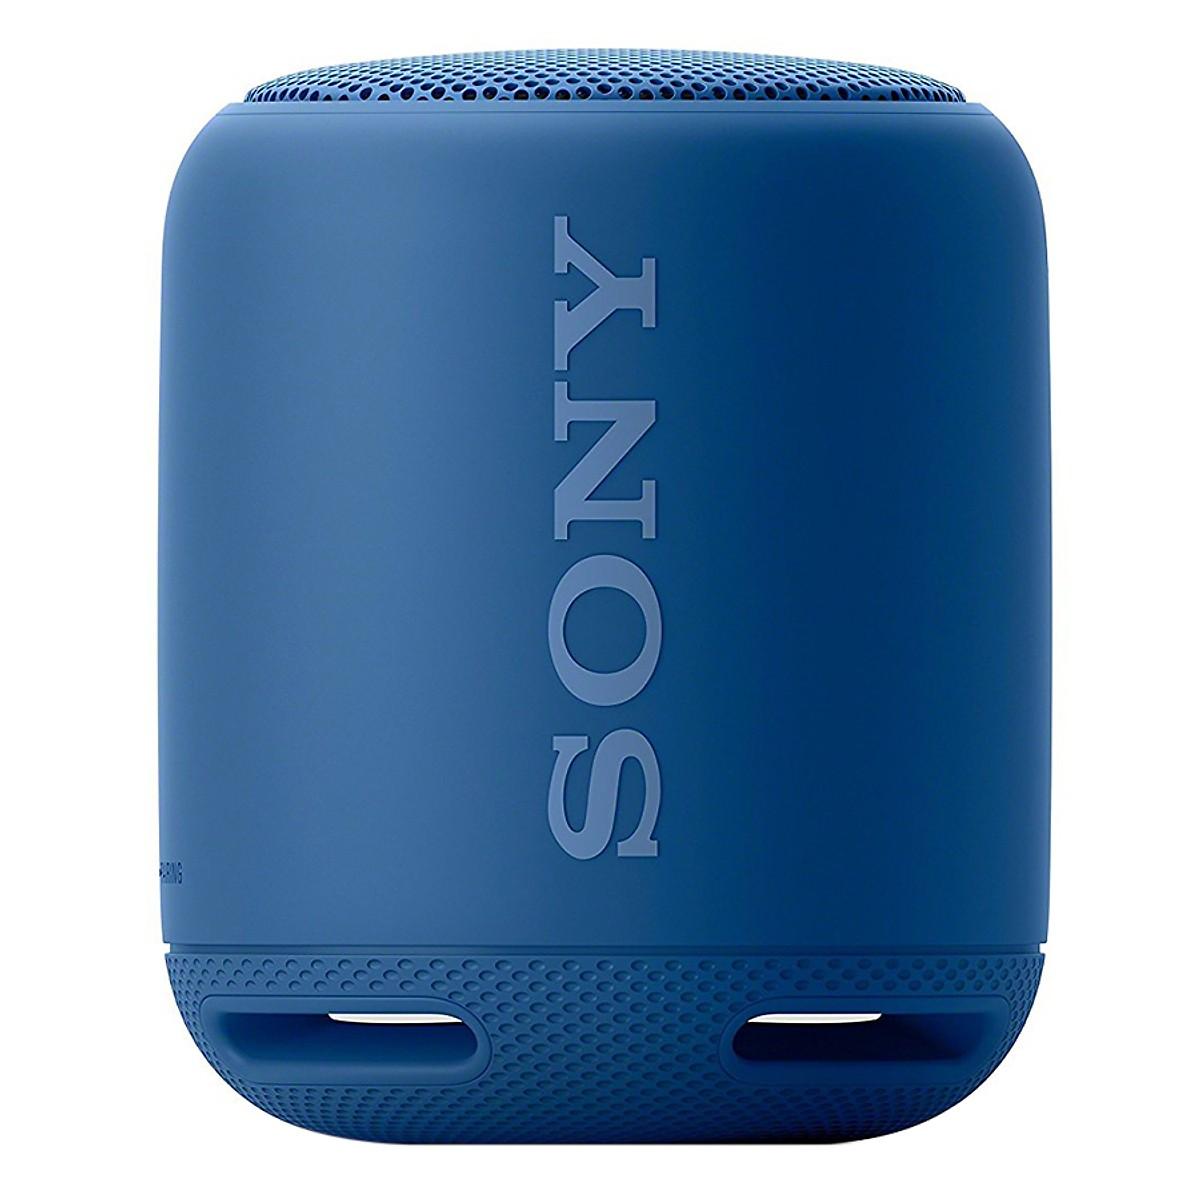 Loa Bluetooth Sony SRS-XB10 5W - Hàng Chính Hãng